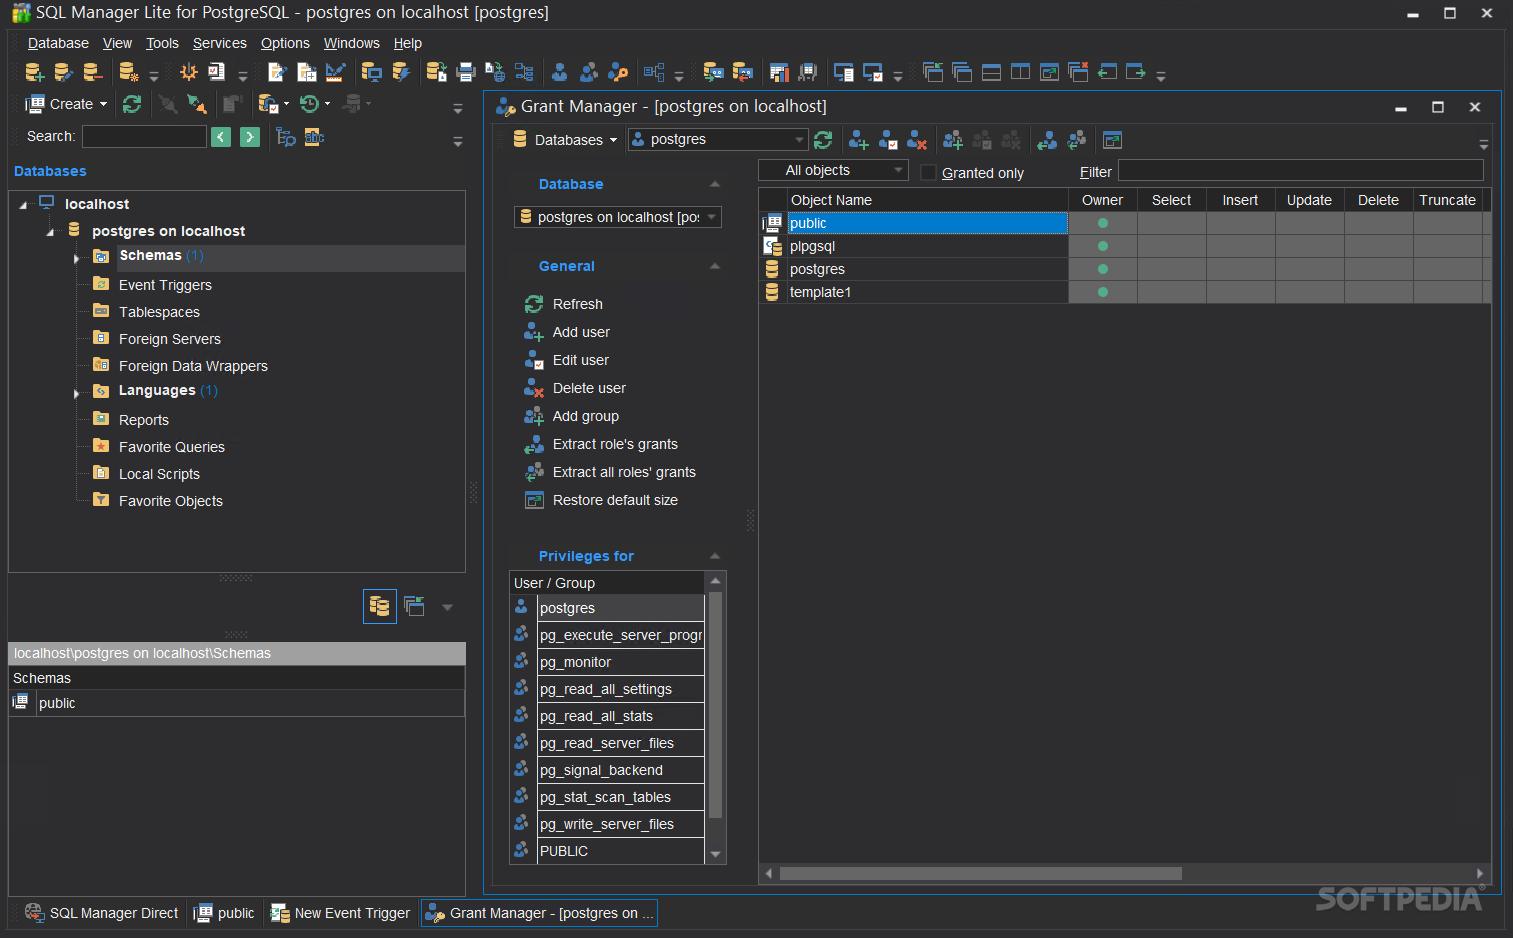 Download SQL Manager Lite for PostgreSQL 5 9 5 Build 52424